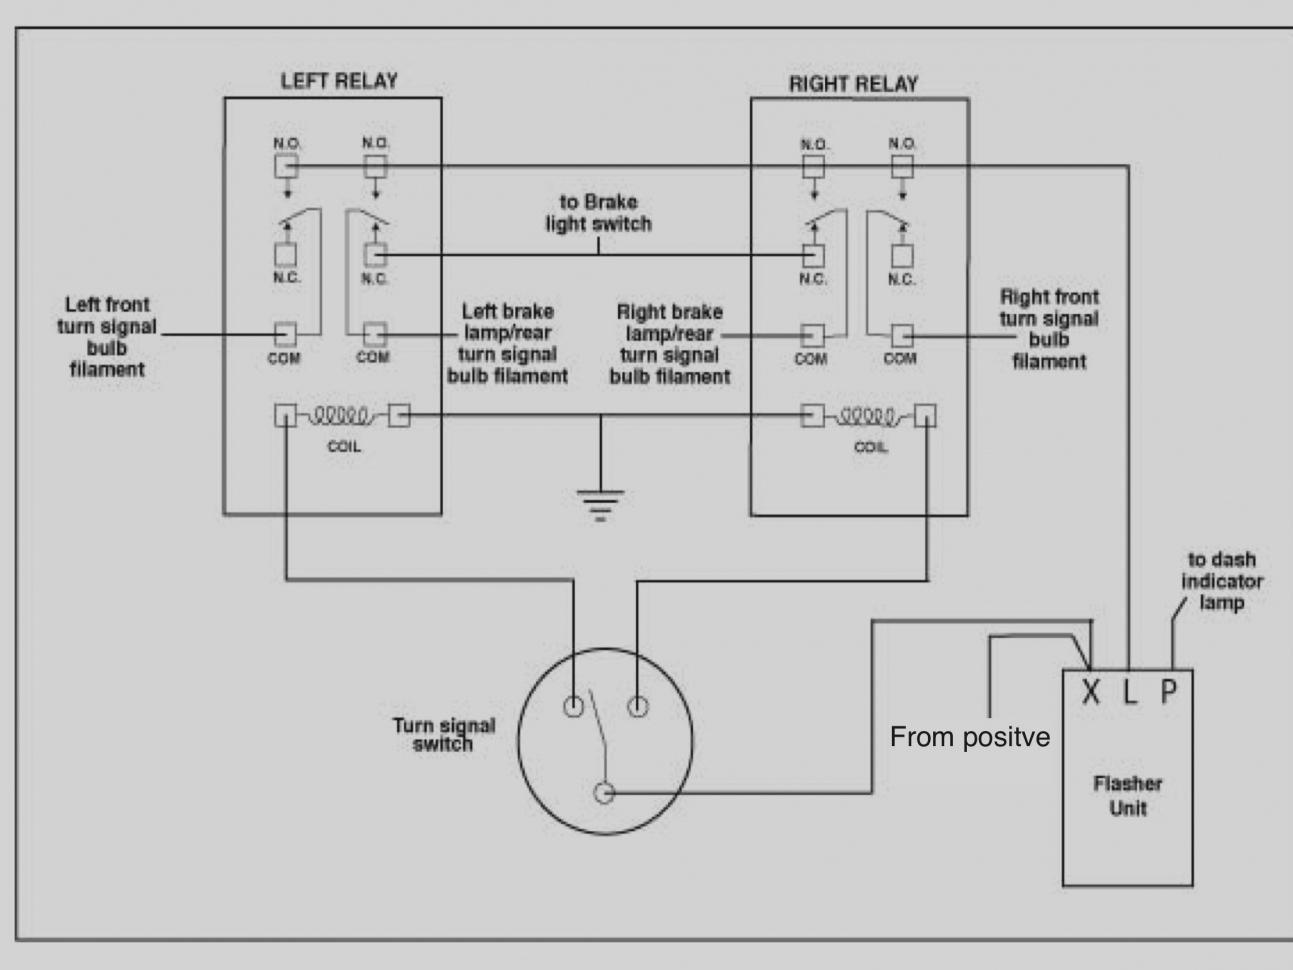 2013 polaris ranger 900 light bar wiring diagram 2013 polaris ranger 900 light bar wiring diagram | wiring ...